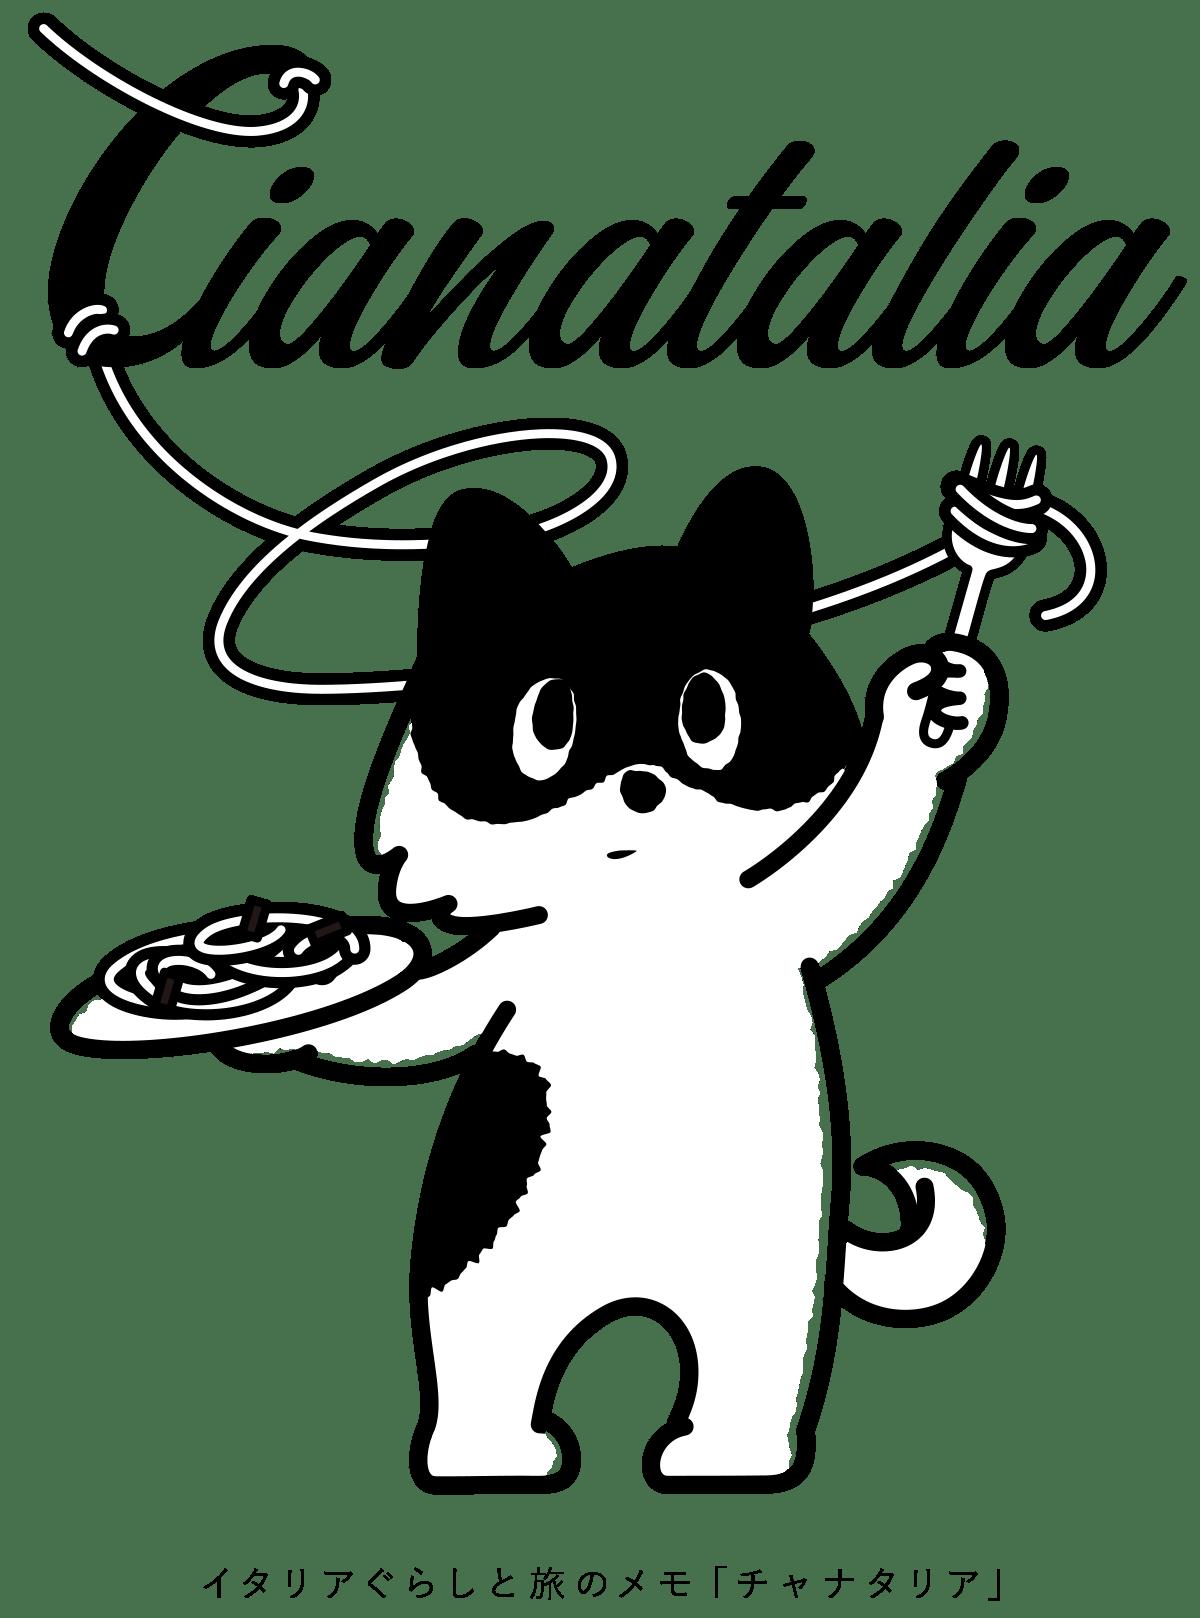 cianatalia(チャナタリア)